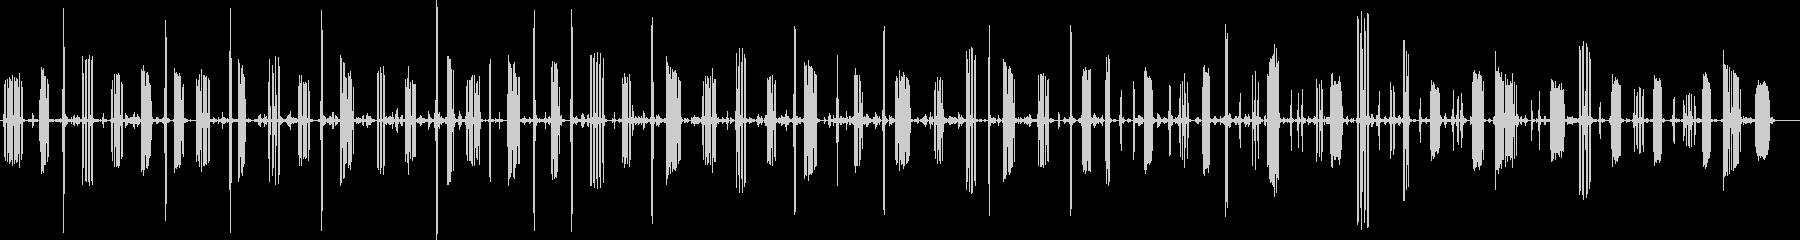 チャット、イエローブレストチャープ...の未再生の波形